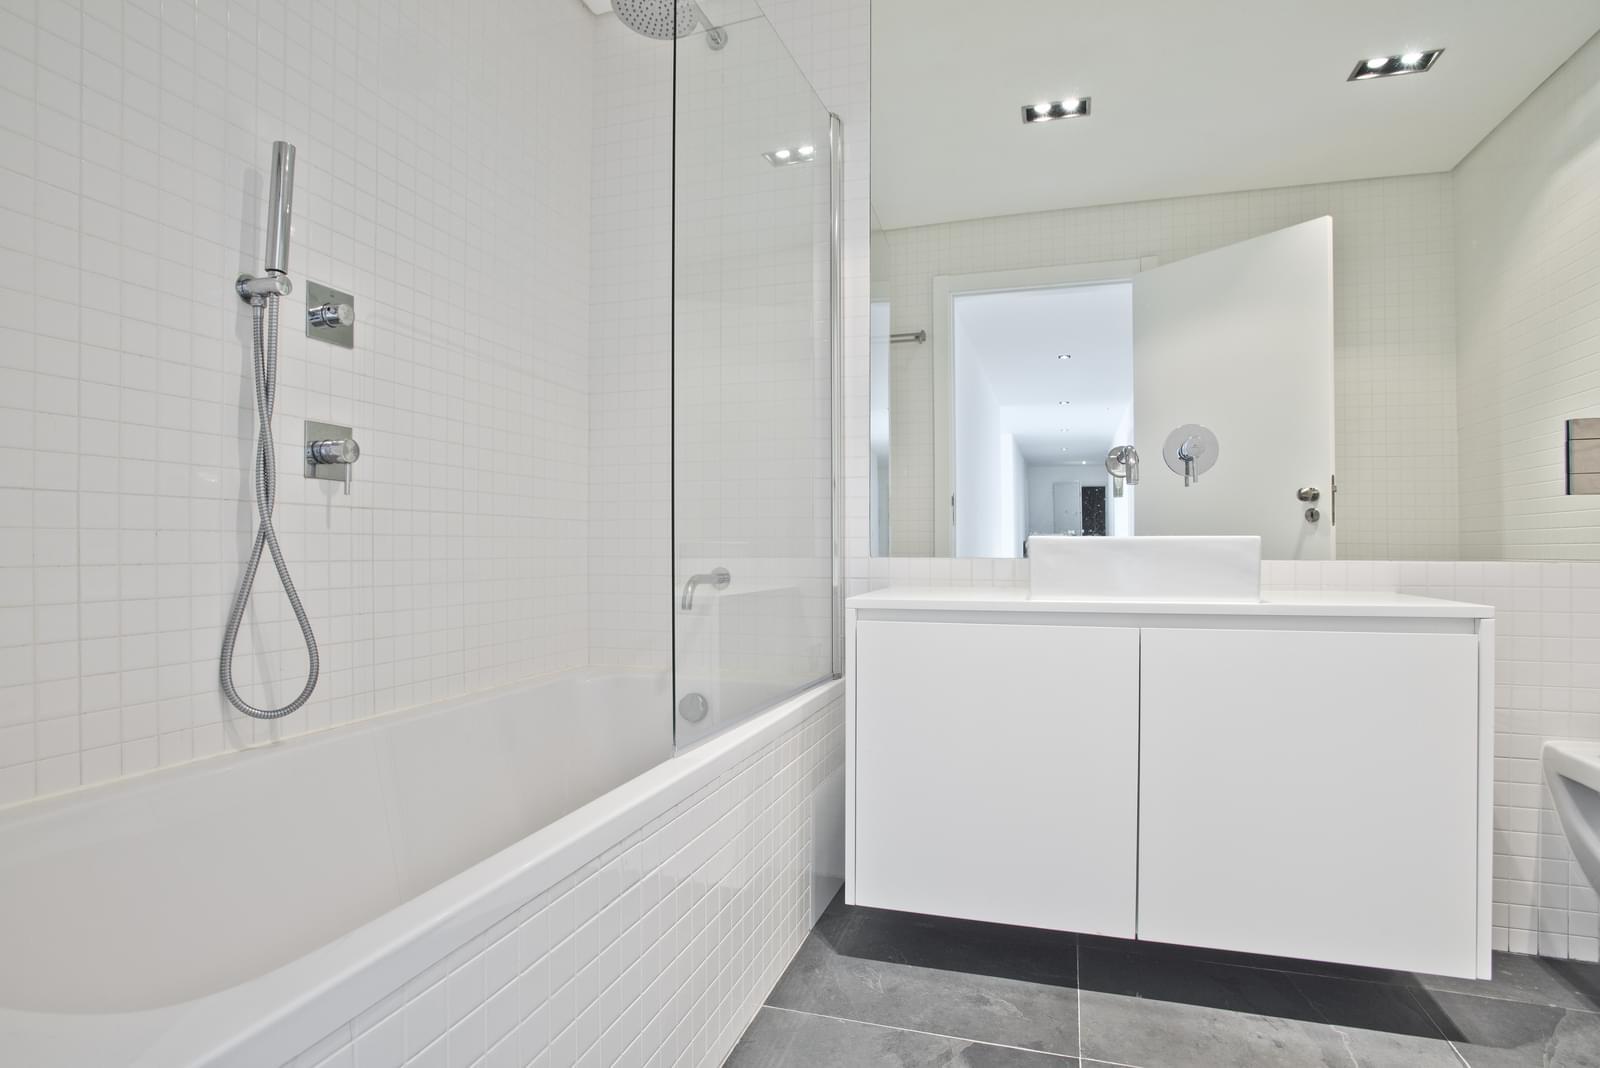 pf13975-apartamento-t4-oeiras-95dfd73b-2fca-4e65-9531-c943ba170155